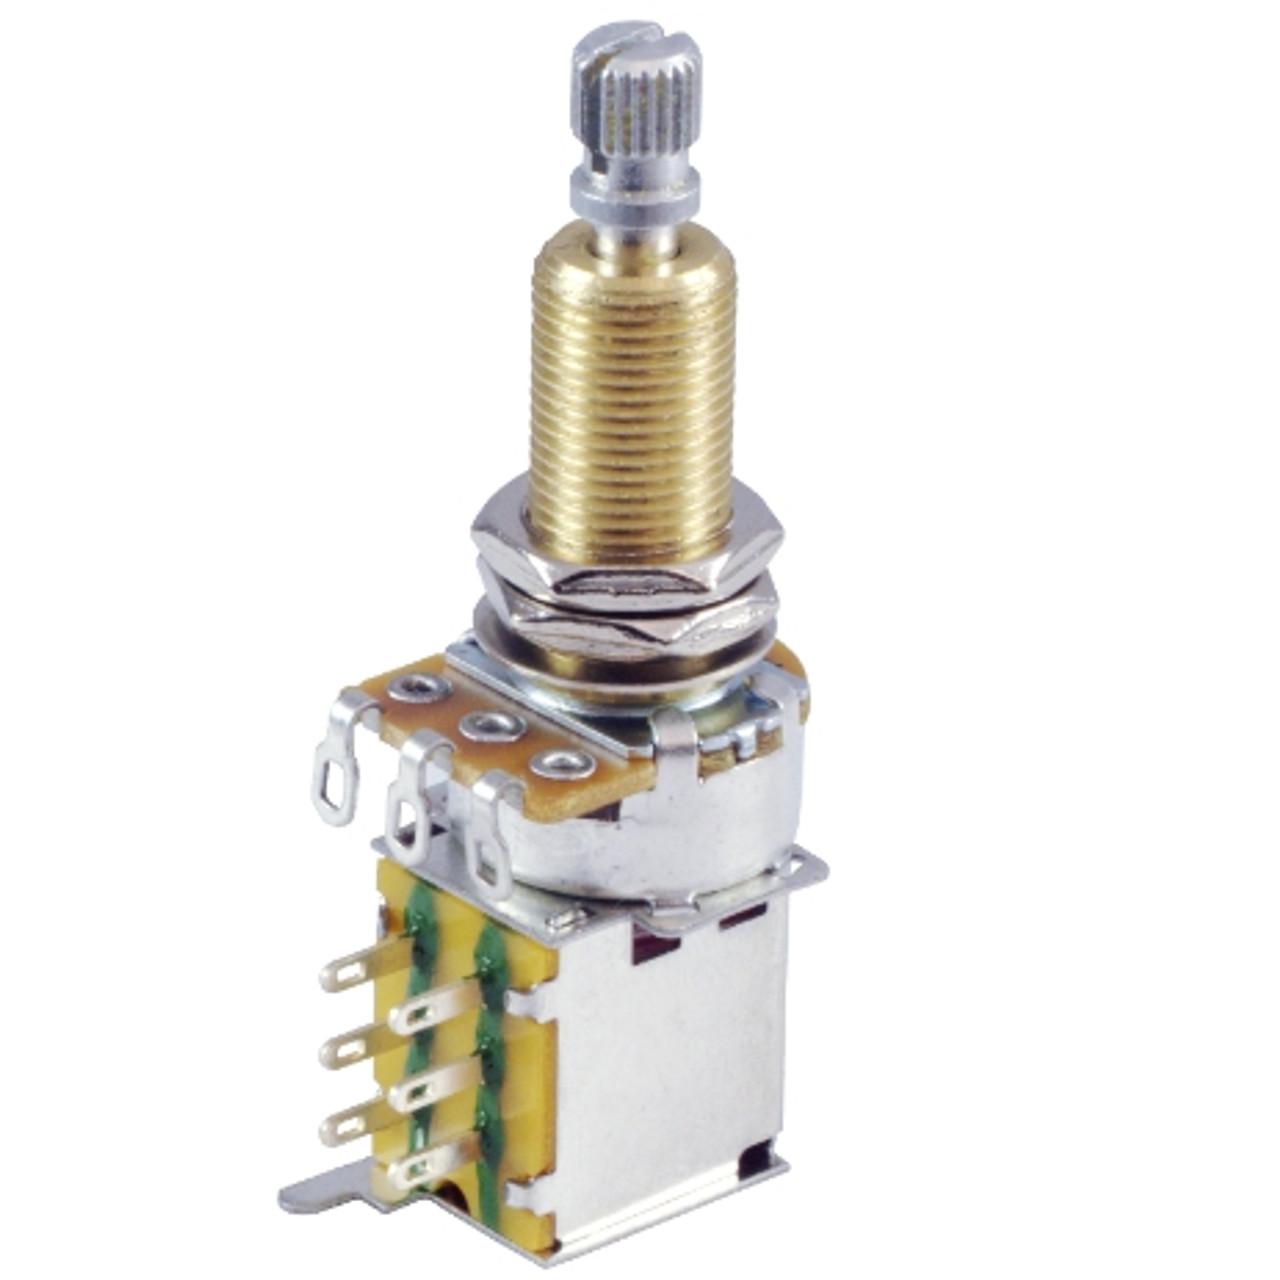 500K Audio Guitar Pot w/ Push-Push Switch-Long Shaft